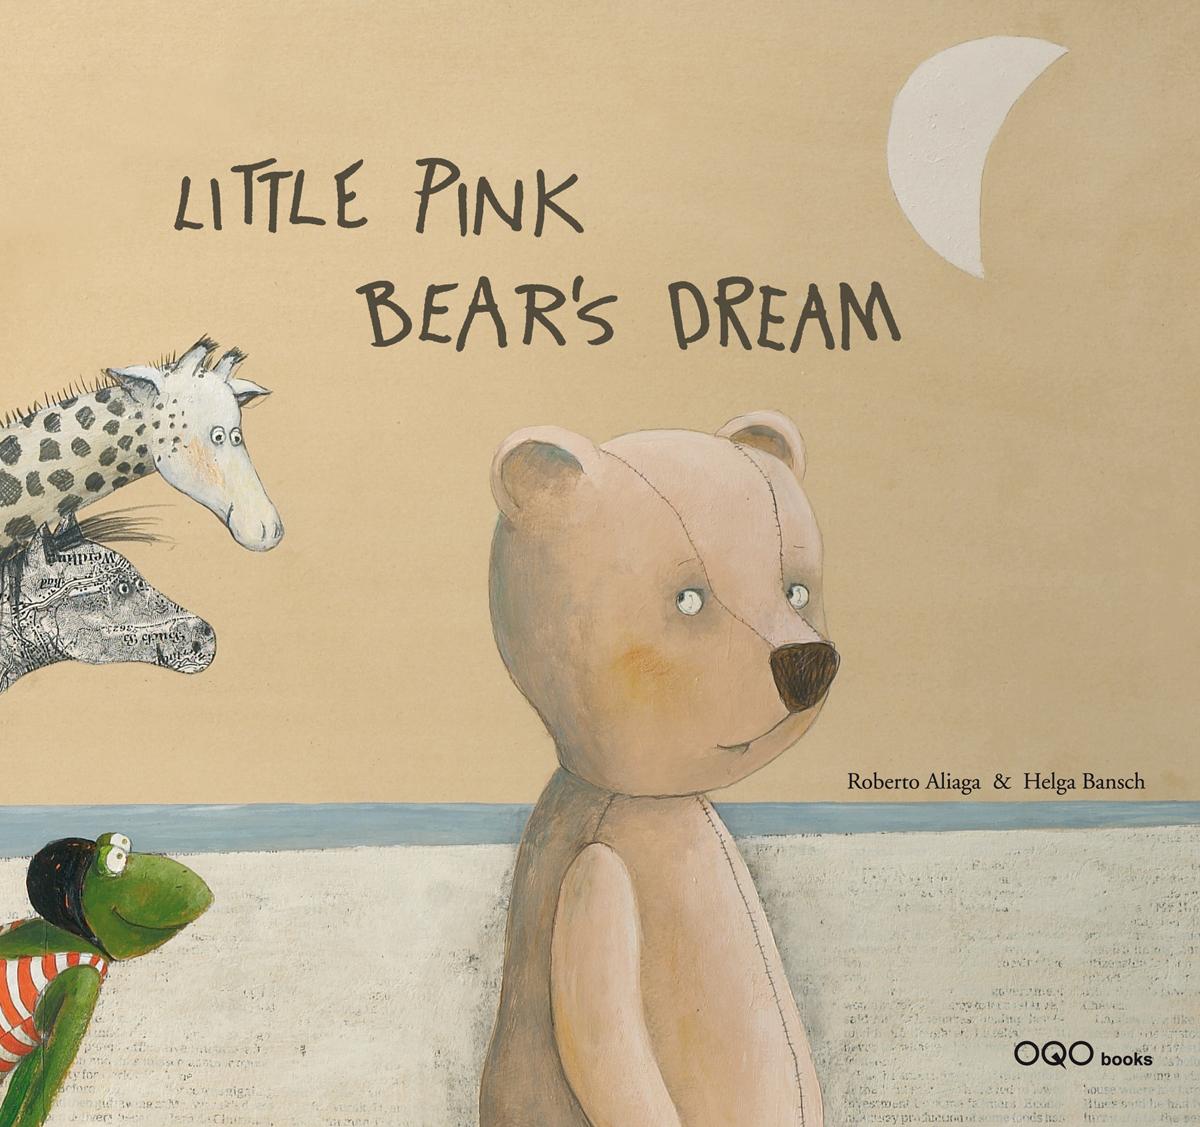 Little Pink Bear's Dream